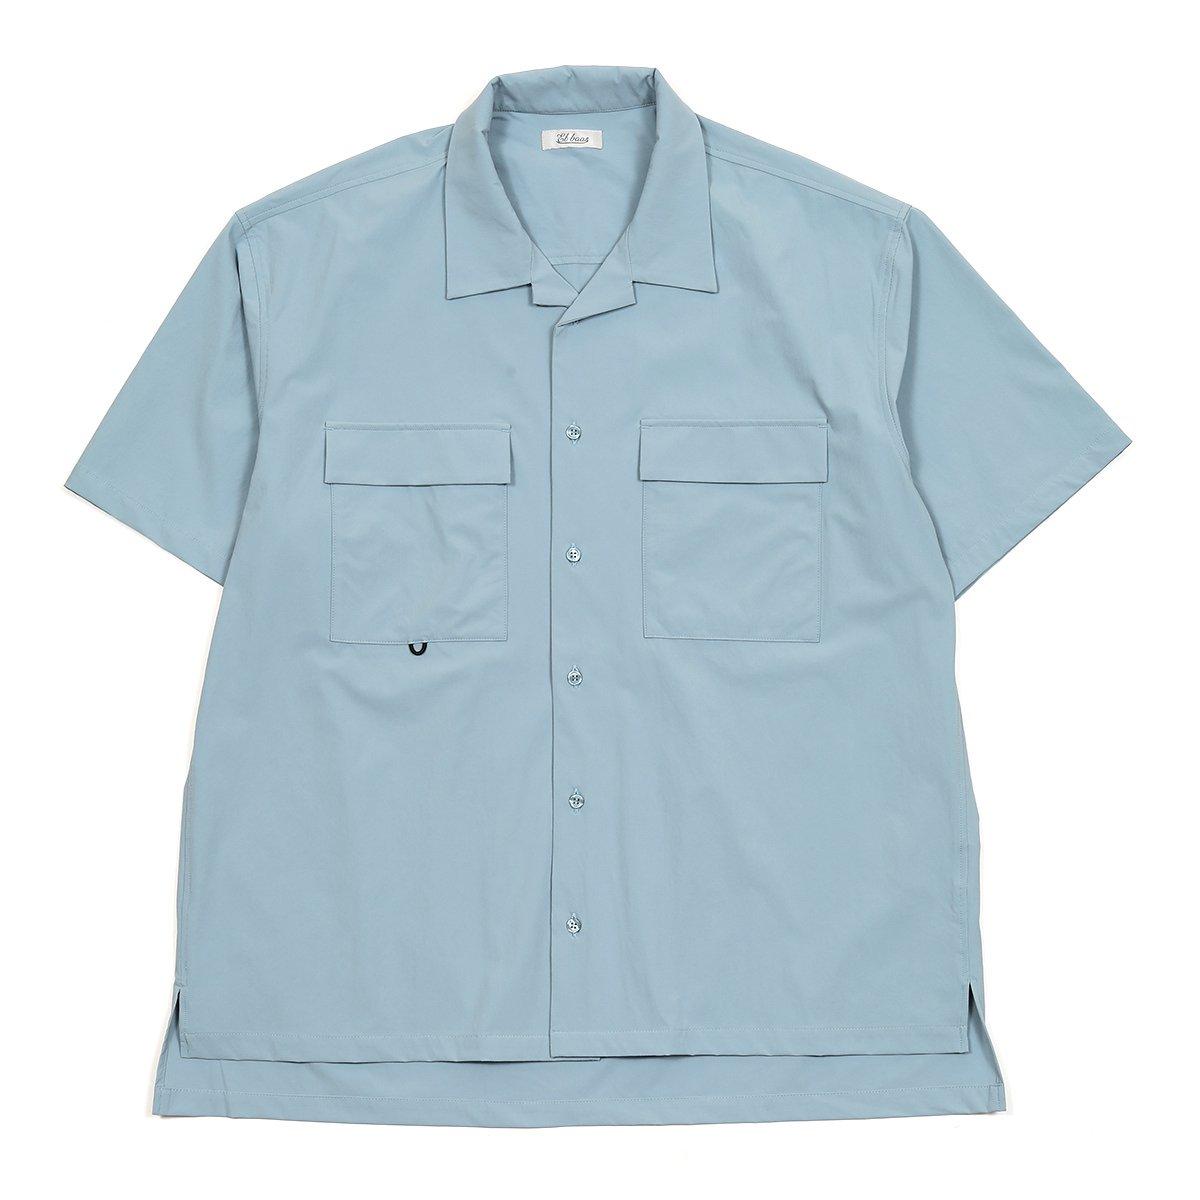 S/S W Pocket Shirts 詳細画像15